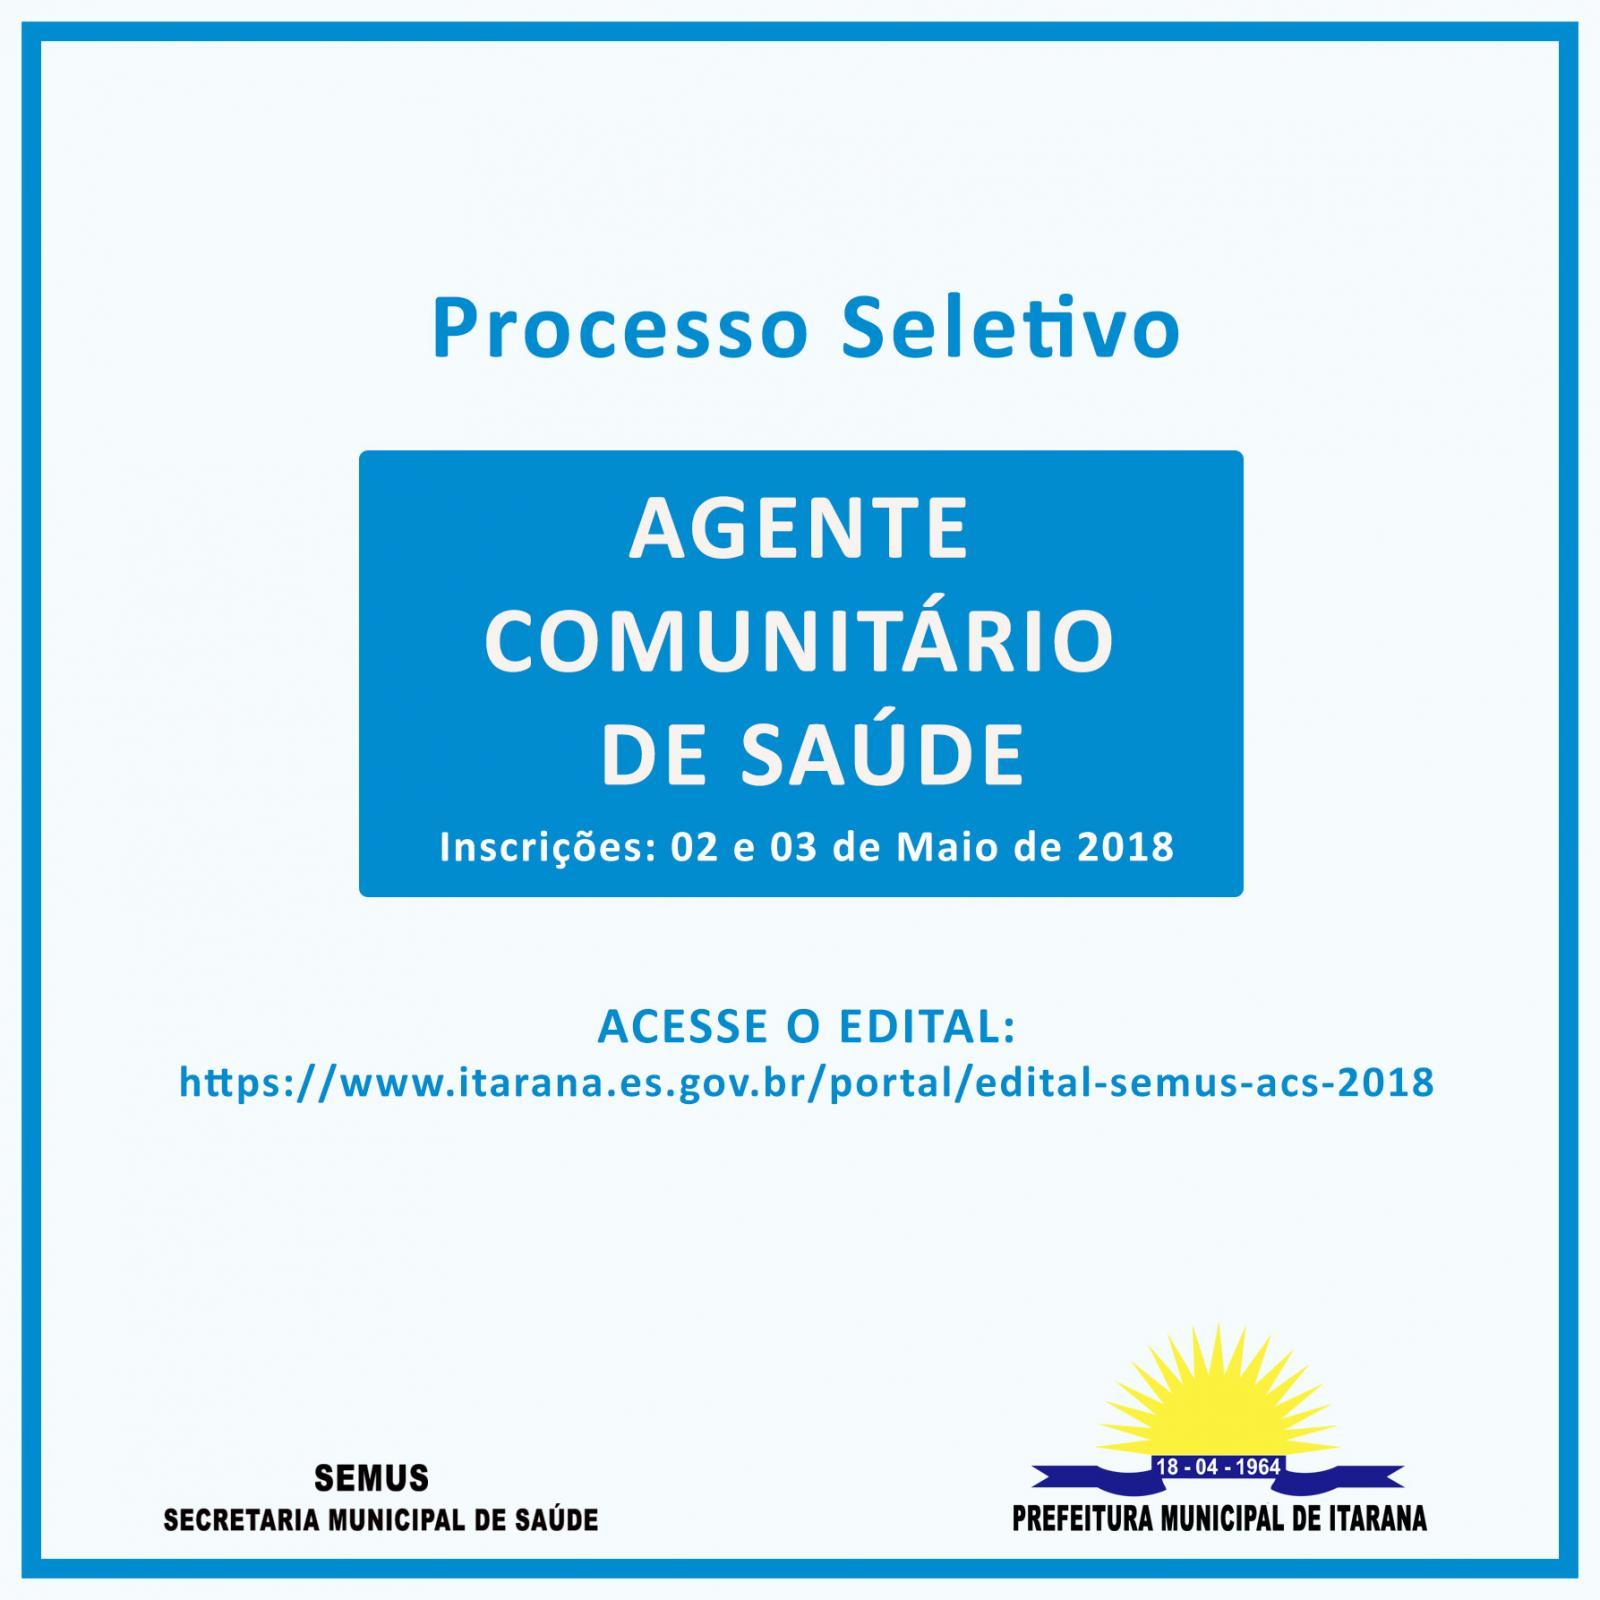 Secretaria de Saúde abre processo seletivo para contratação de Agente Comunitário de Saúde